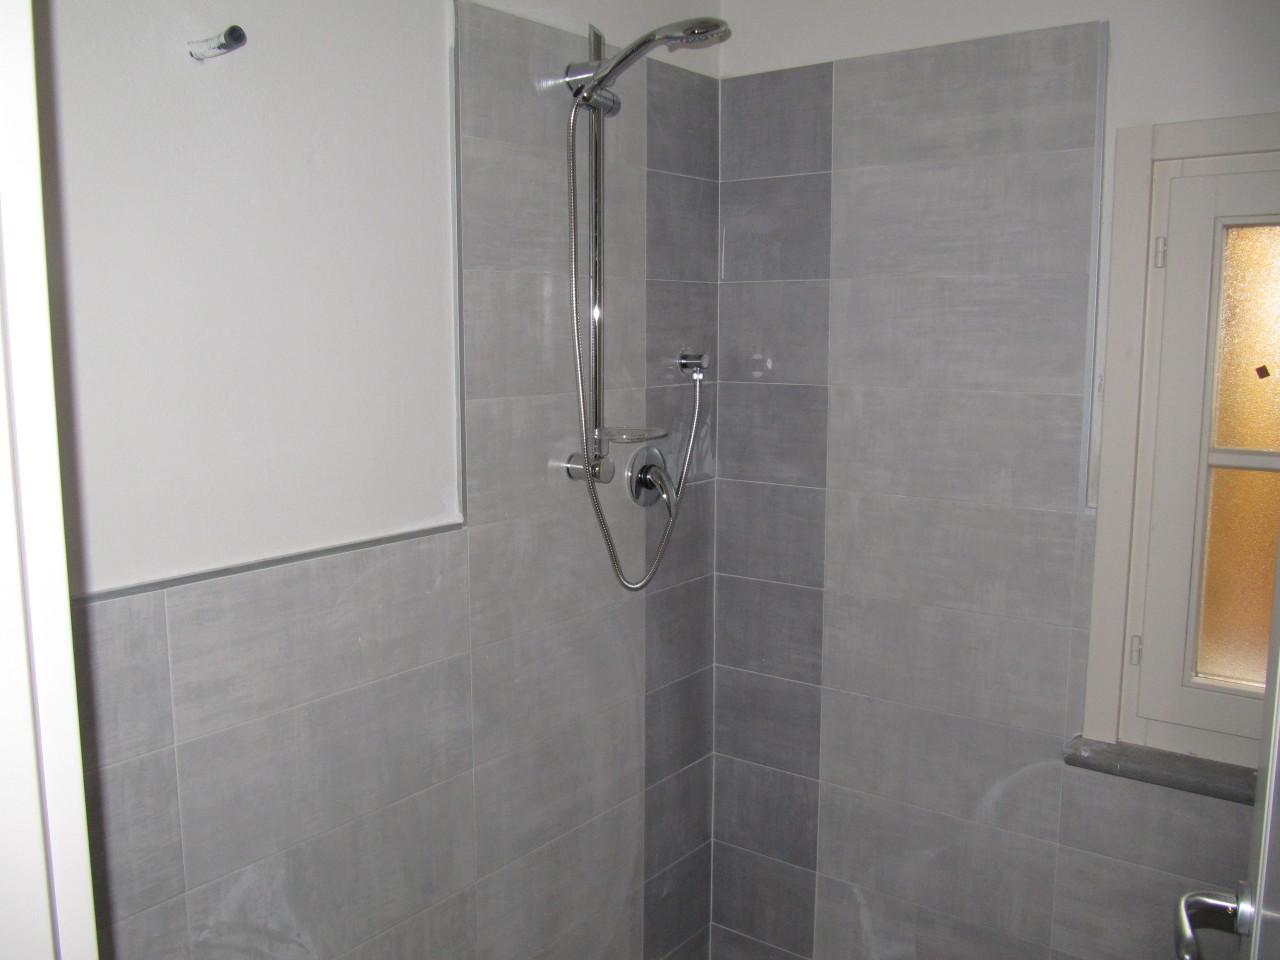 Appartamenti e Attici PARMA vendita  Parma Centro  Union Service srl